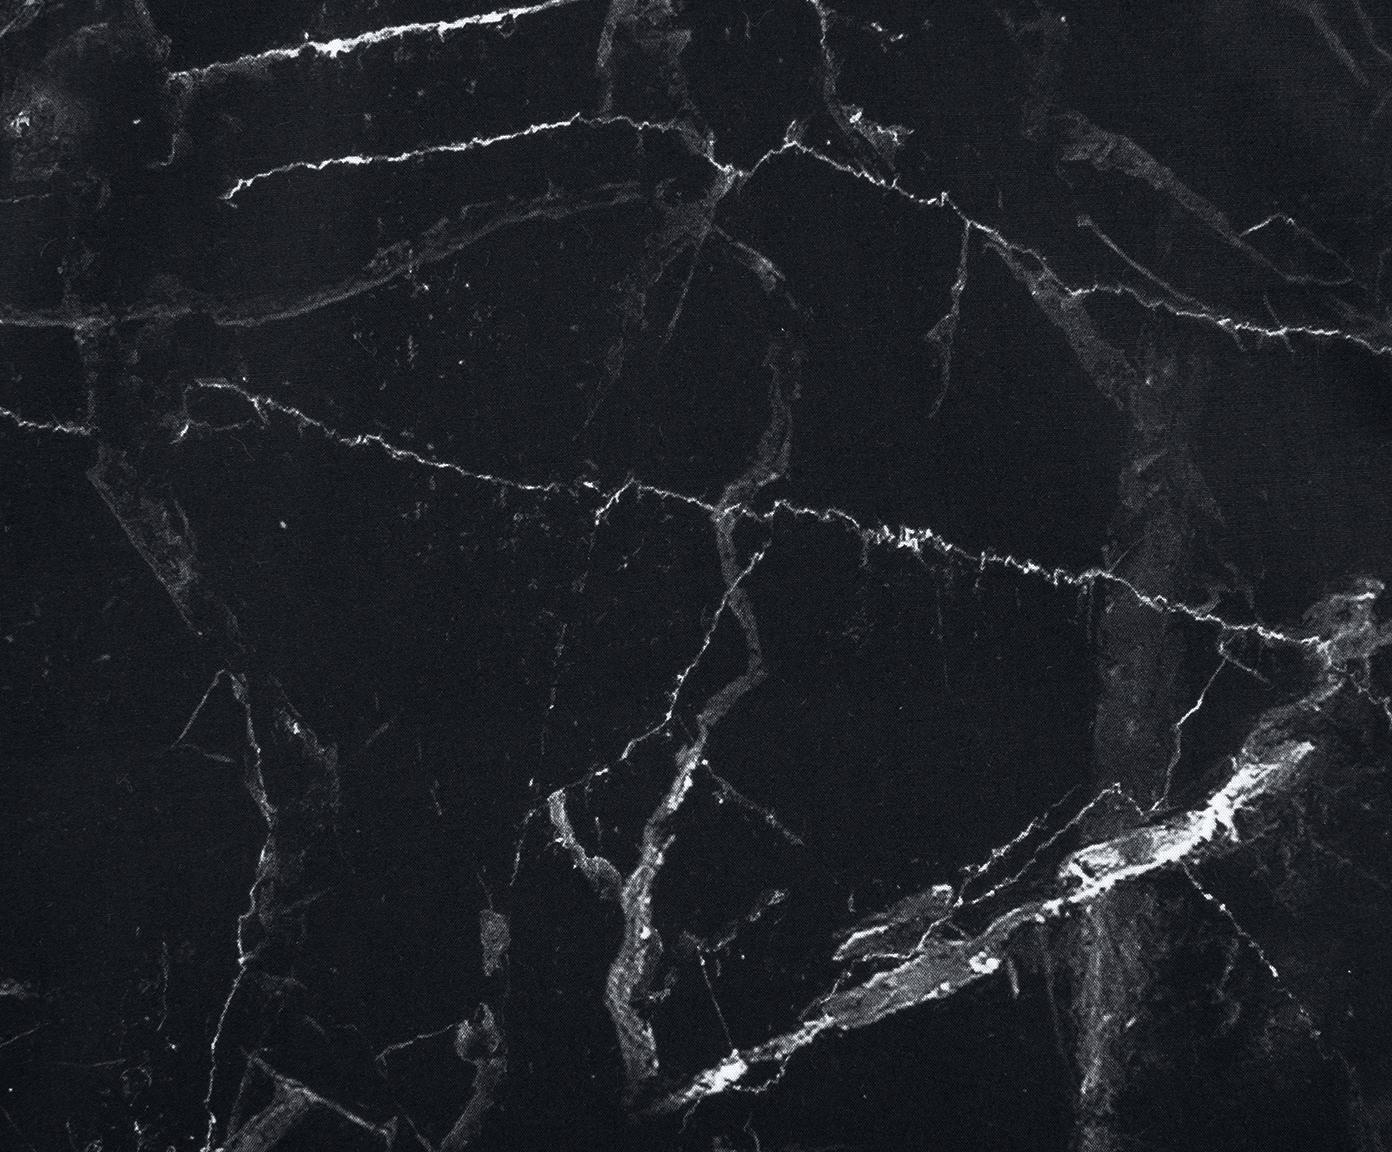 Baumwollperkal-Bettwäsche Malin mit Marmor-Muster, Webart: Perkal Fadendichte 200 TC, Schwarz, 135 x 200 cm + 1 Kissen 80 x 80 cm